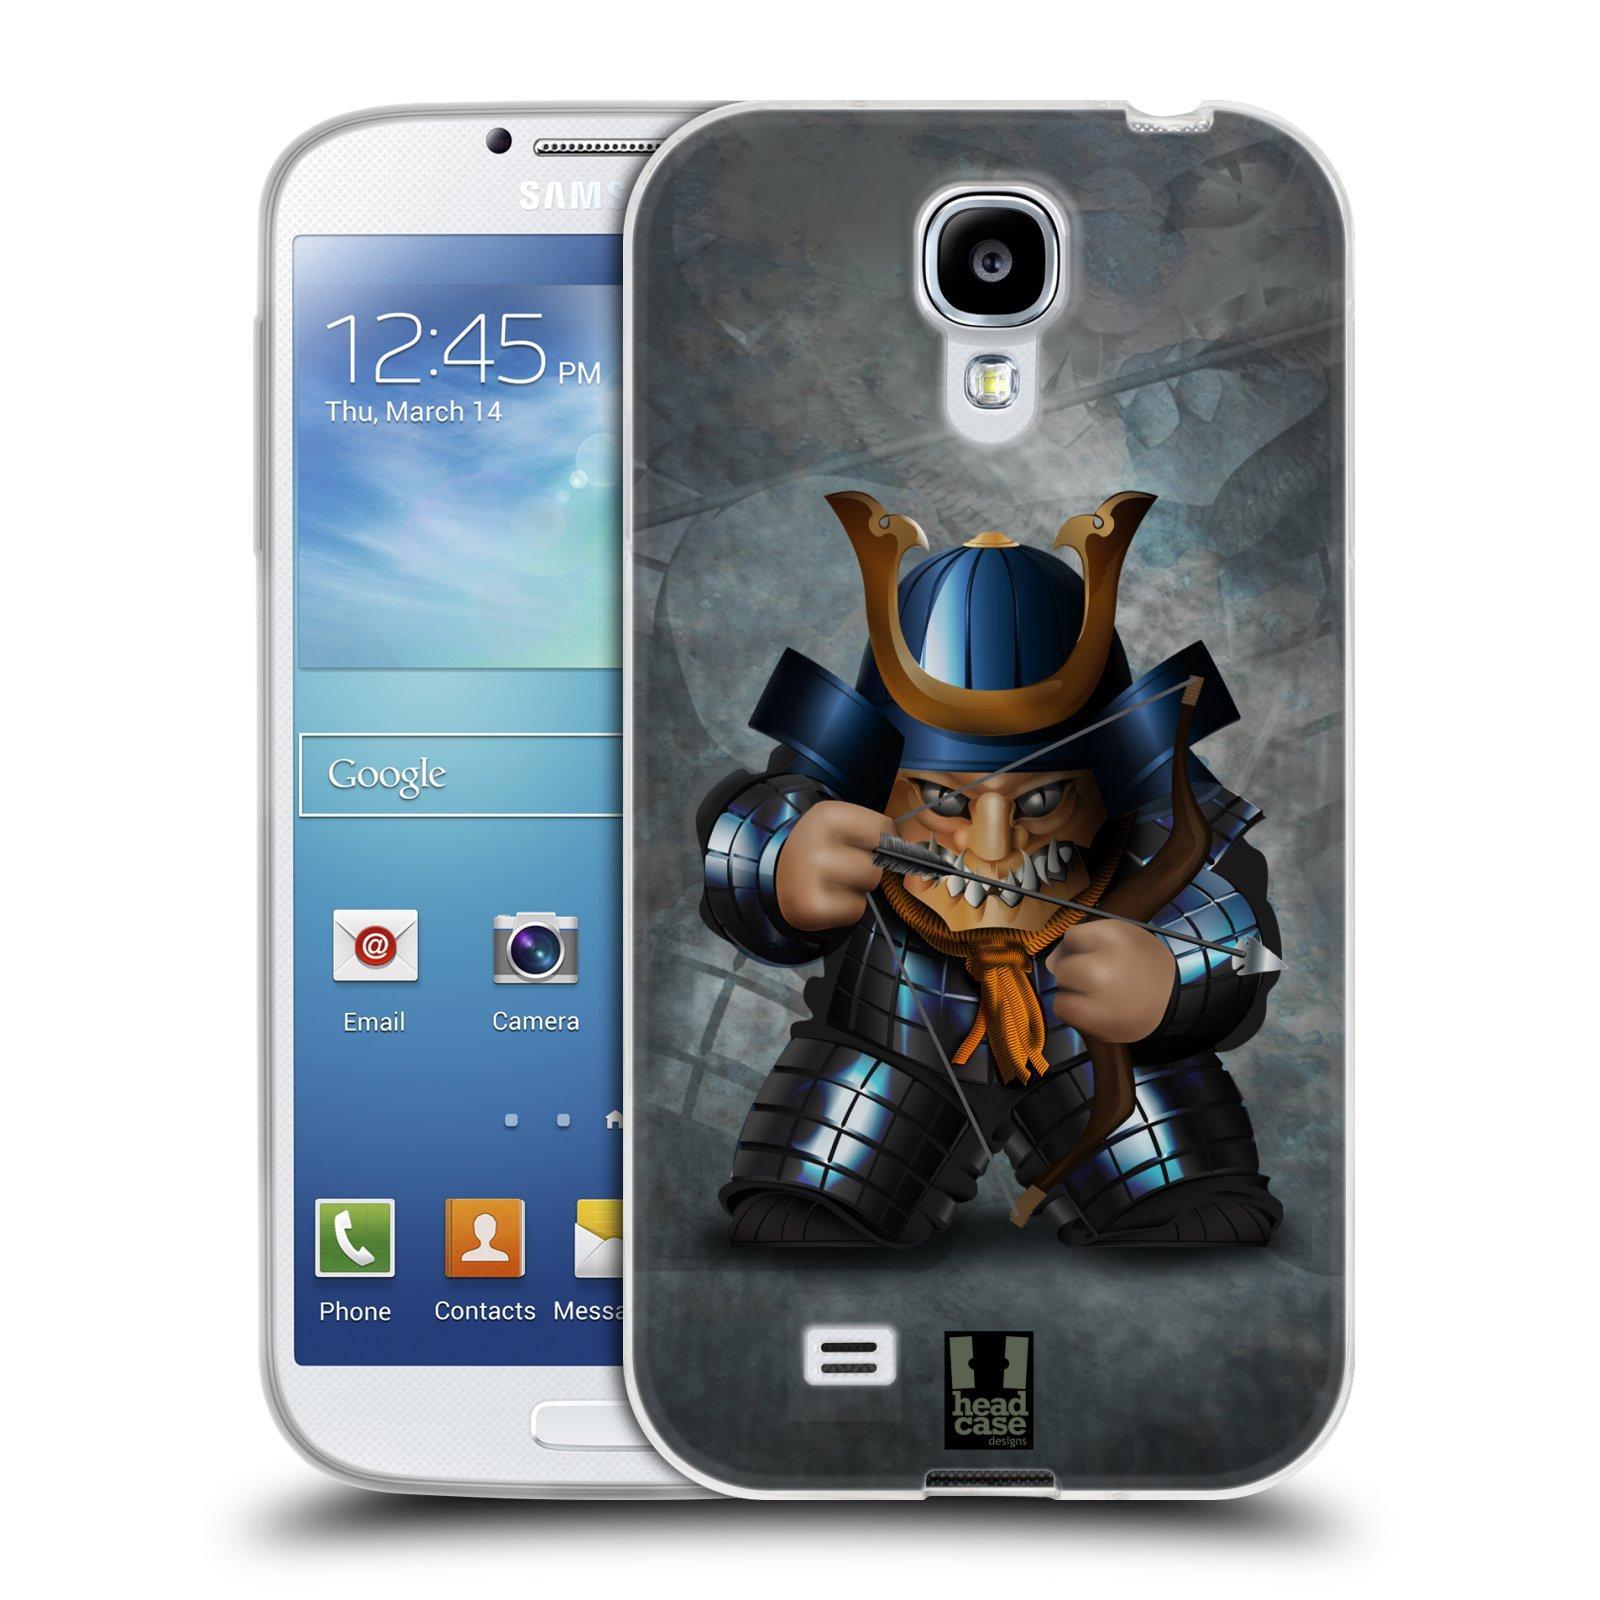 HEAD CASE silikonový obal na mobil Samsung Galaxy S4 i9500 vzor Malí bojovníci SHOGUN STŘELEC